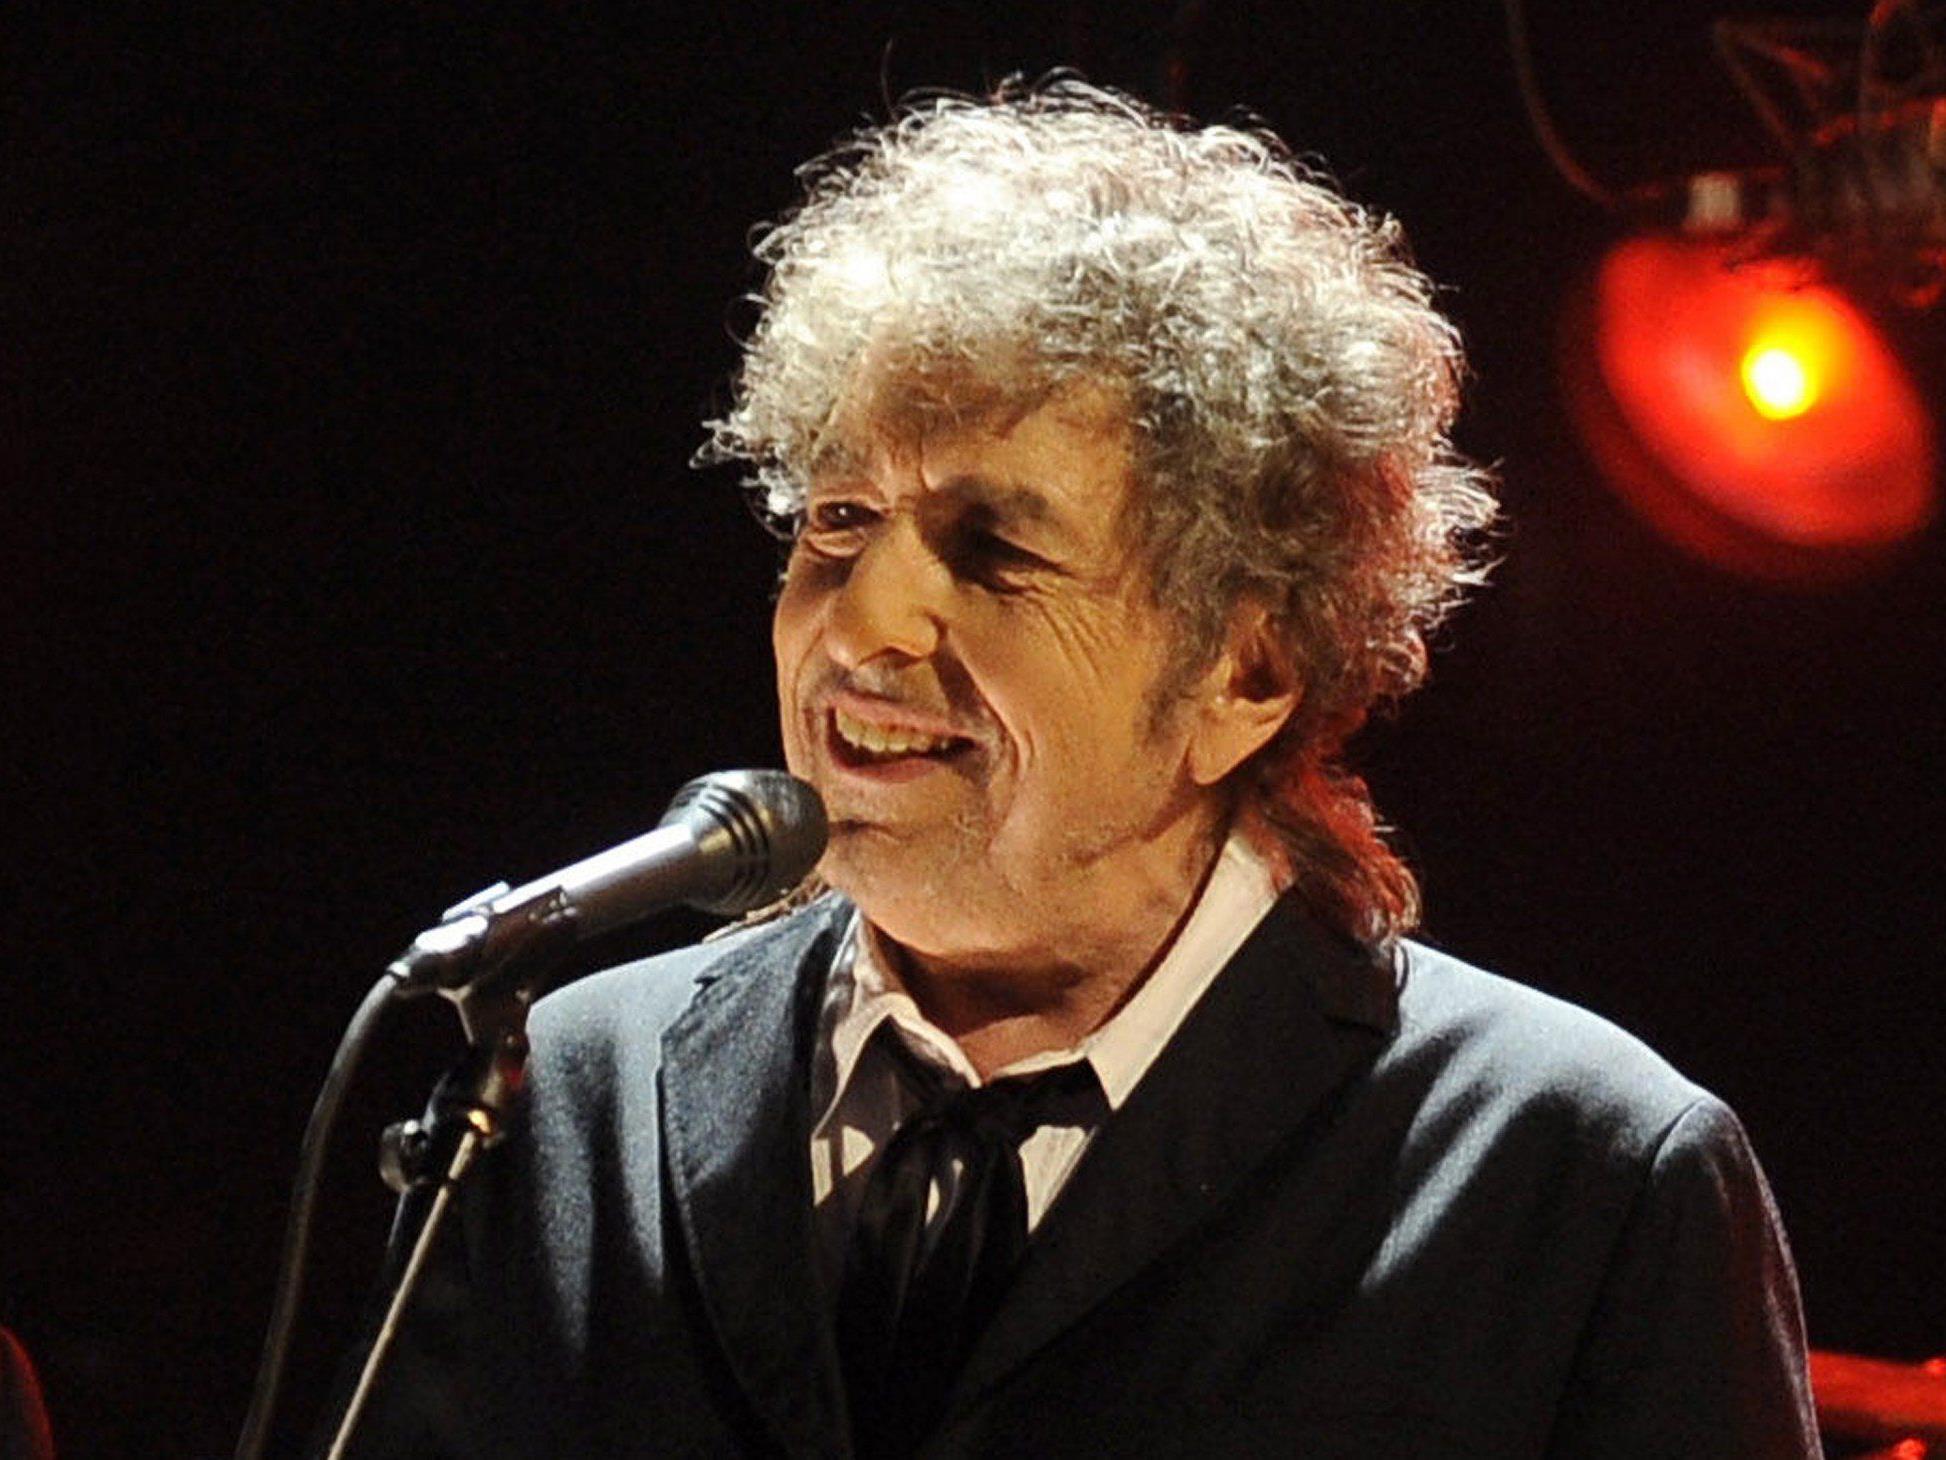 Bob Dylan spielte am Samstag sein Wien-Konzert in der Stadthalle.